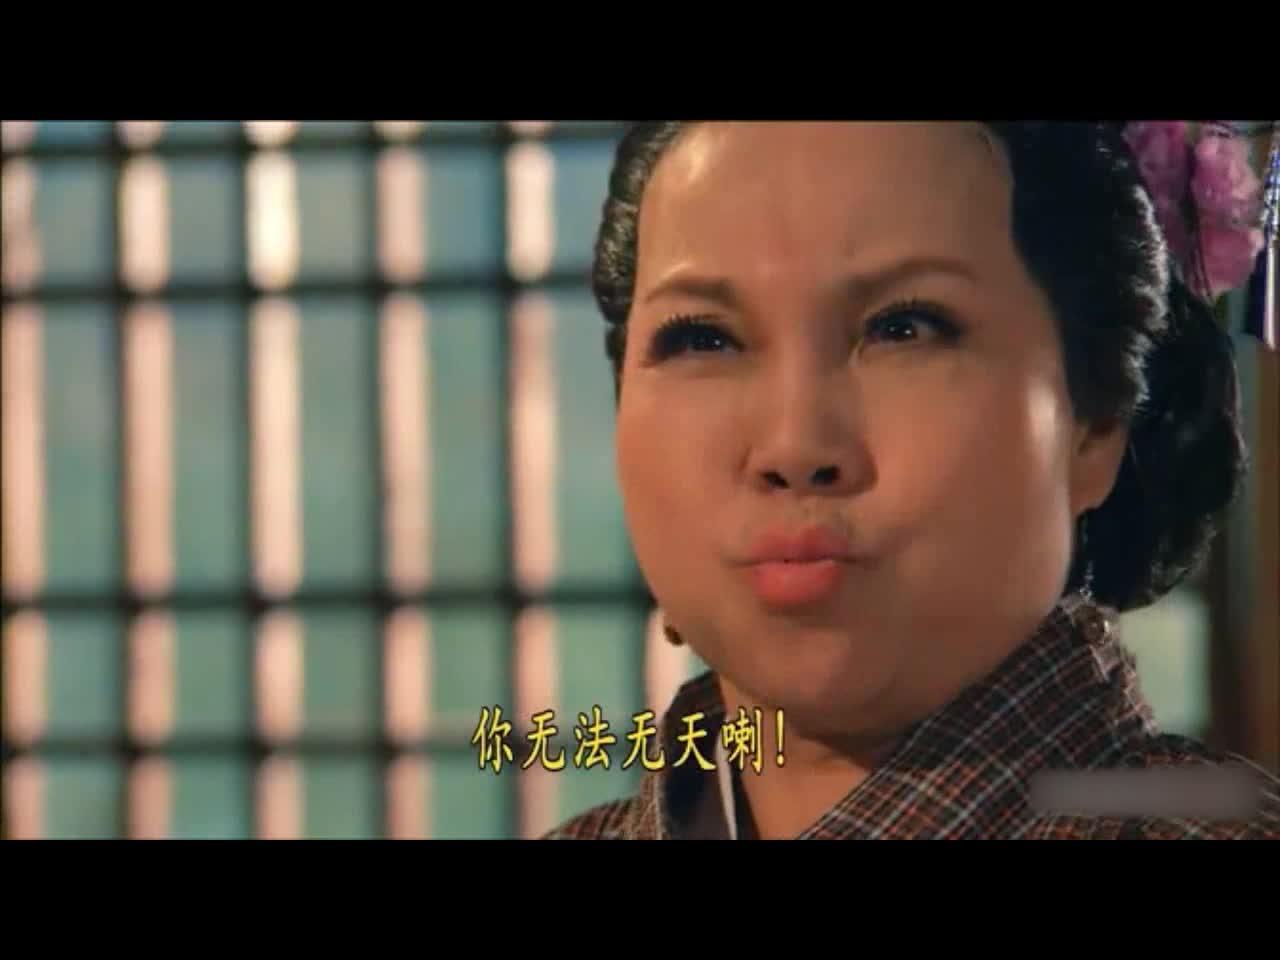 #高能 电影片段#被誉为星爷接班人的卢正雨的作品,不知道大家看过没有